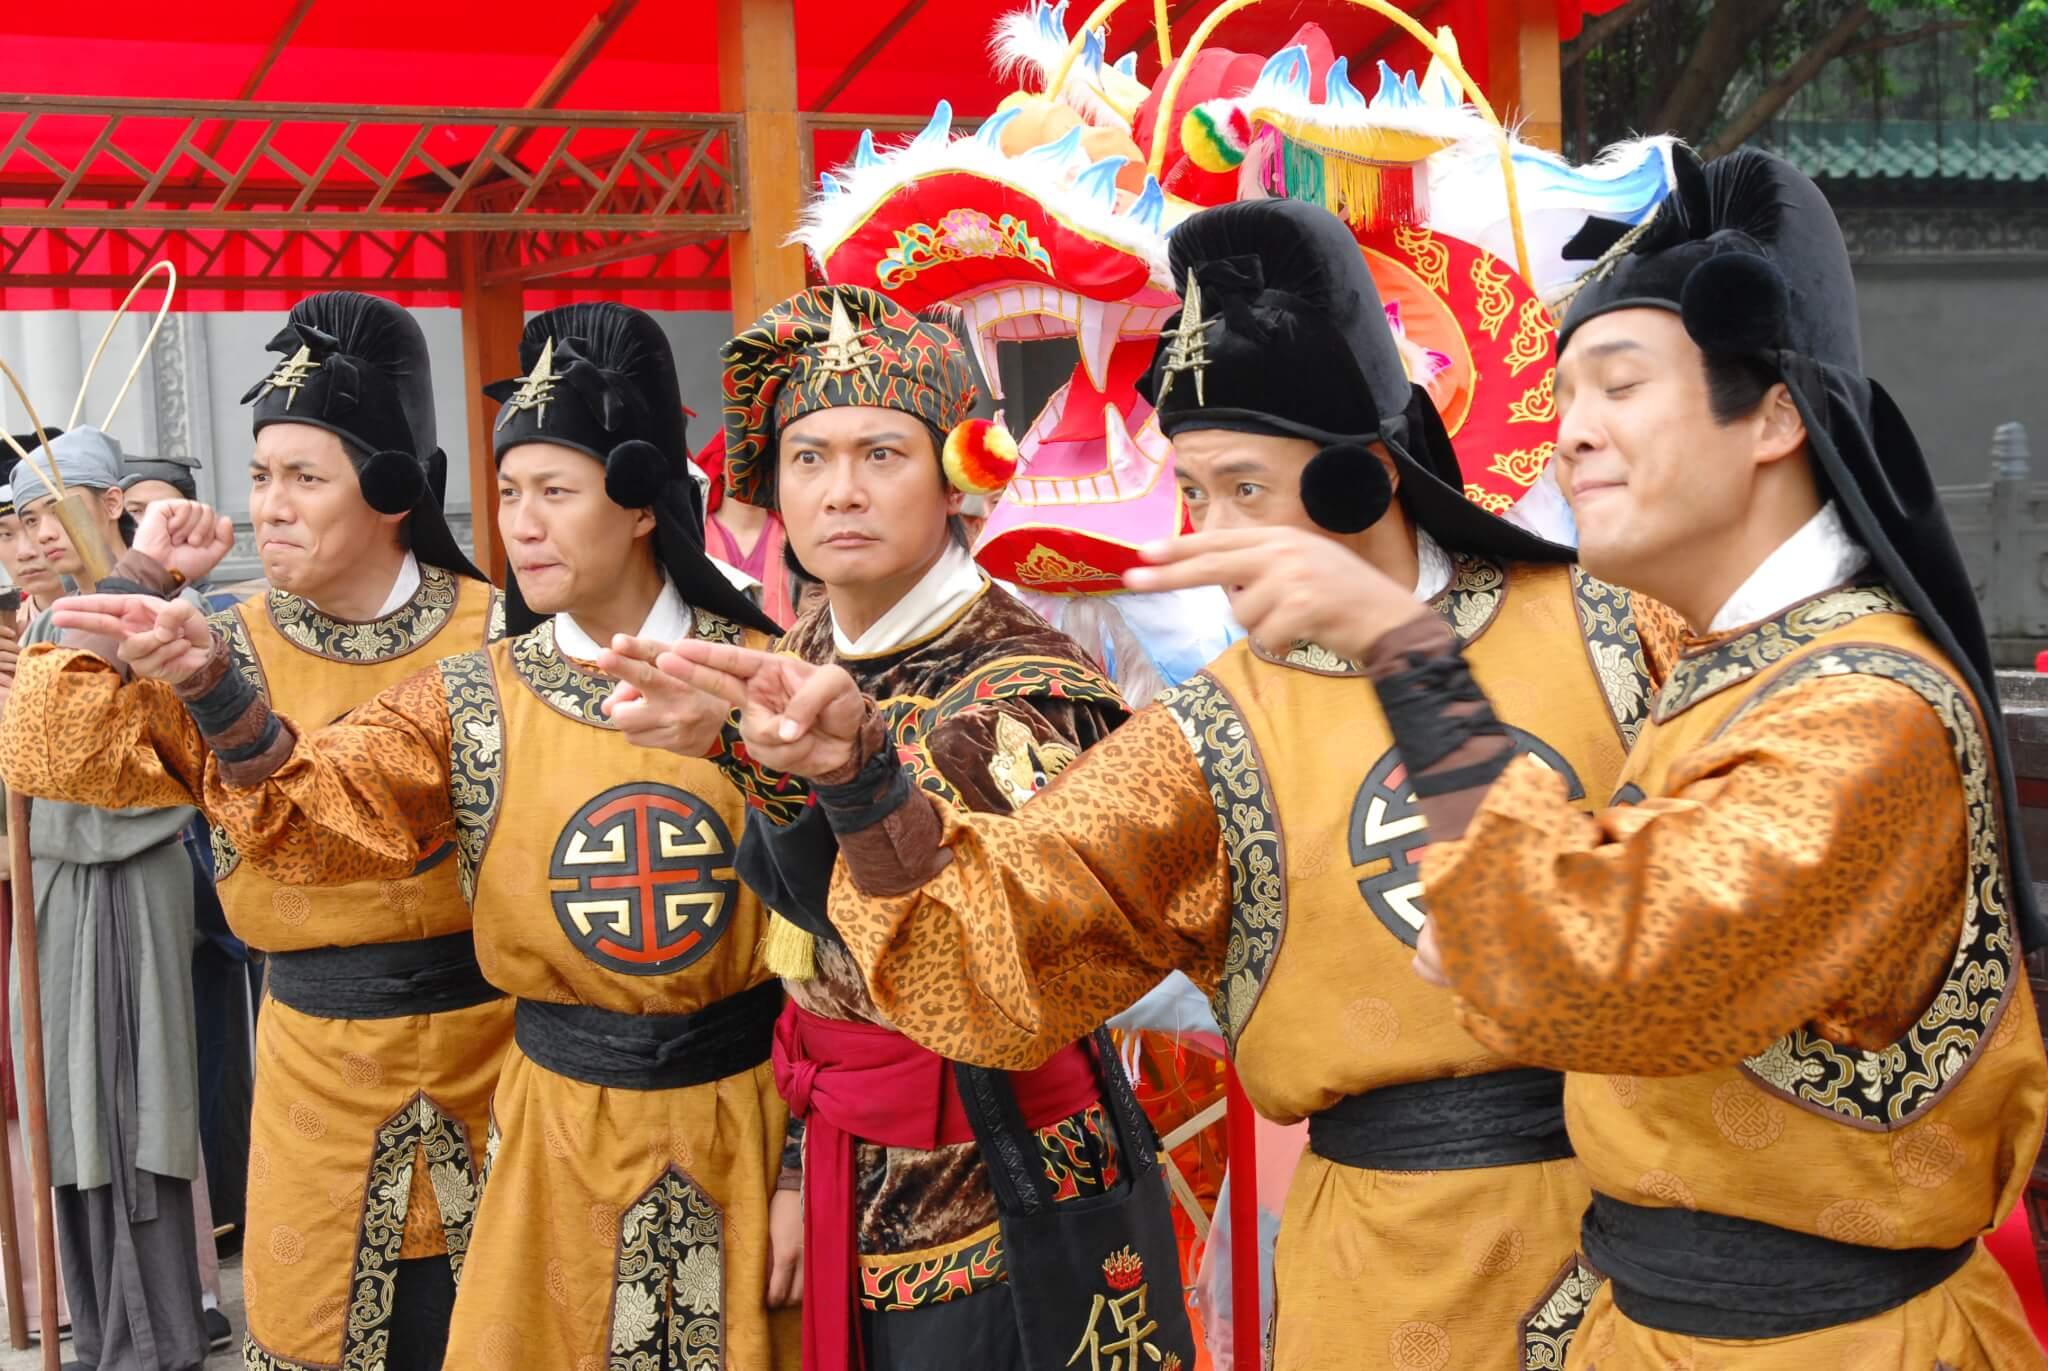 錢嘉樂當年於劇集《王老虎搶親》中演出生鬼,令監製潘嘉德萌生搬上舞台的念頭。